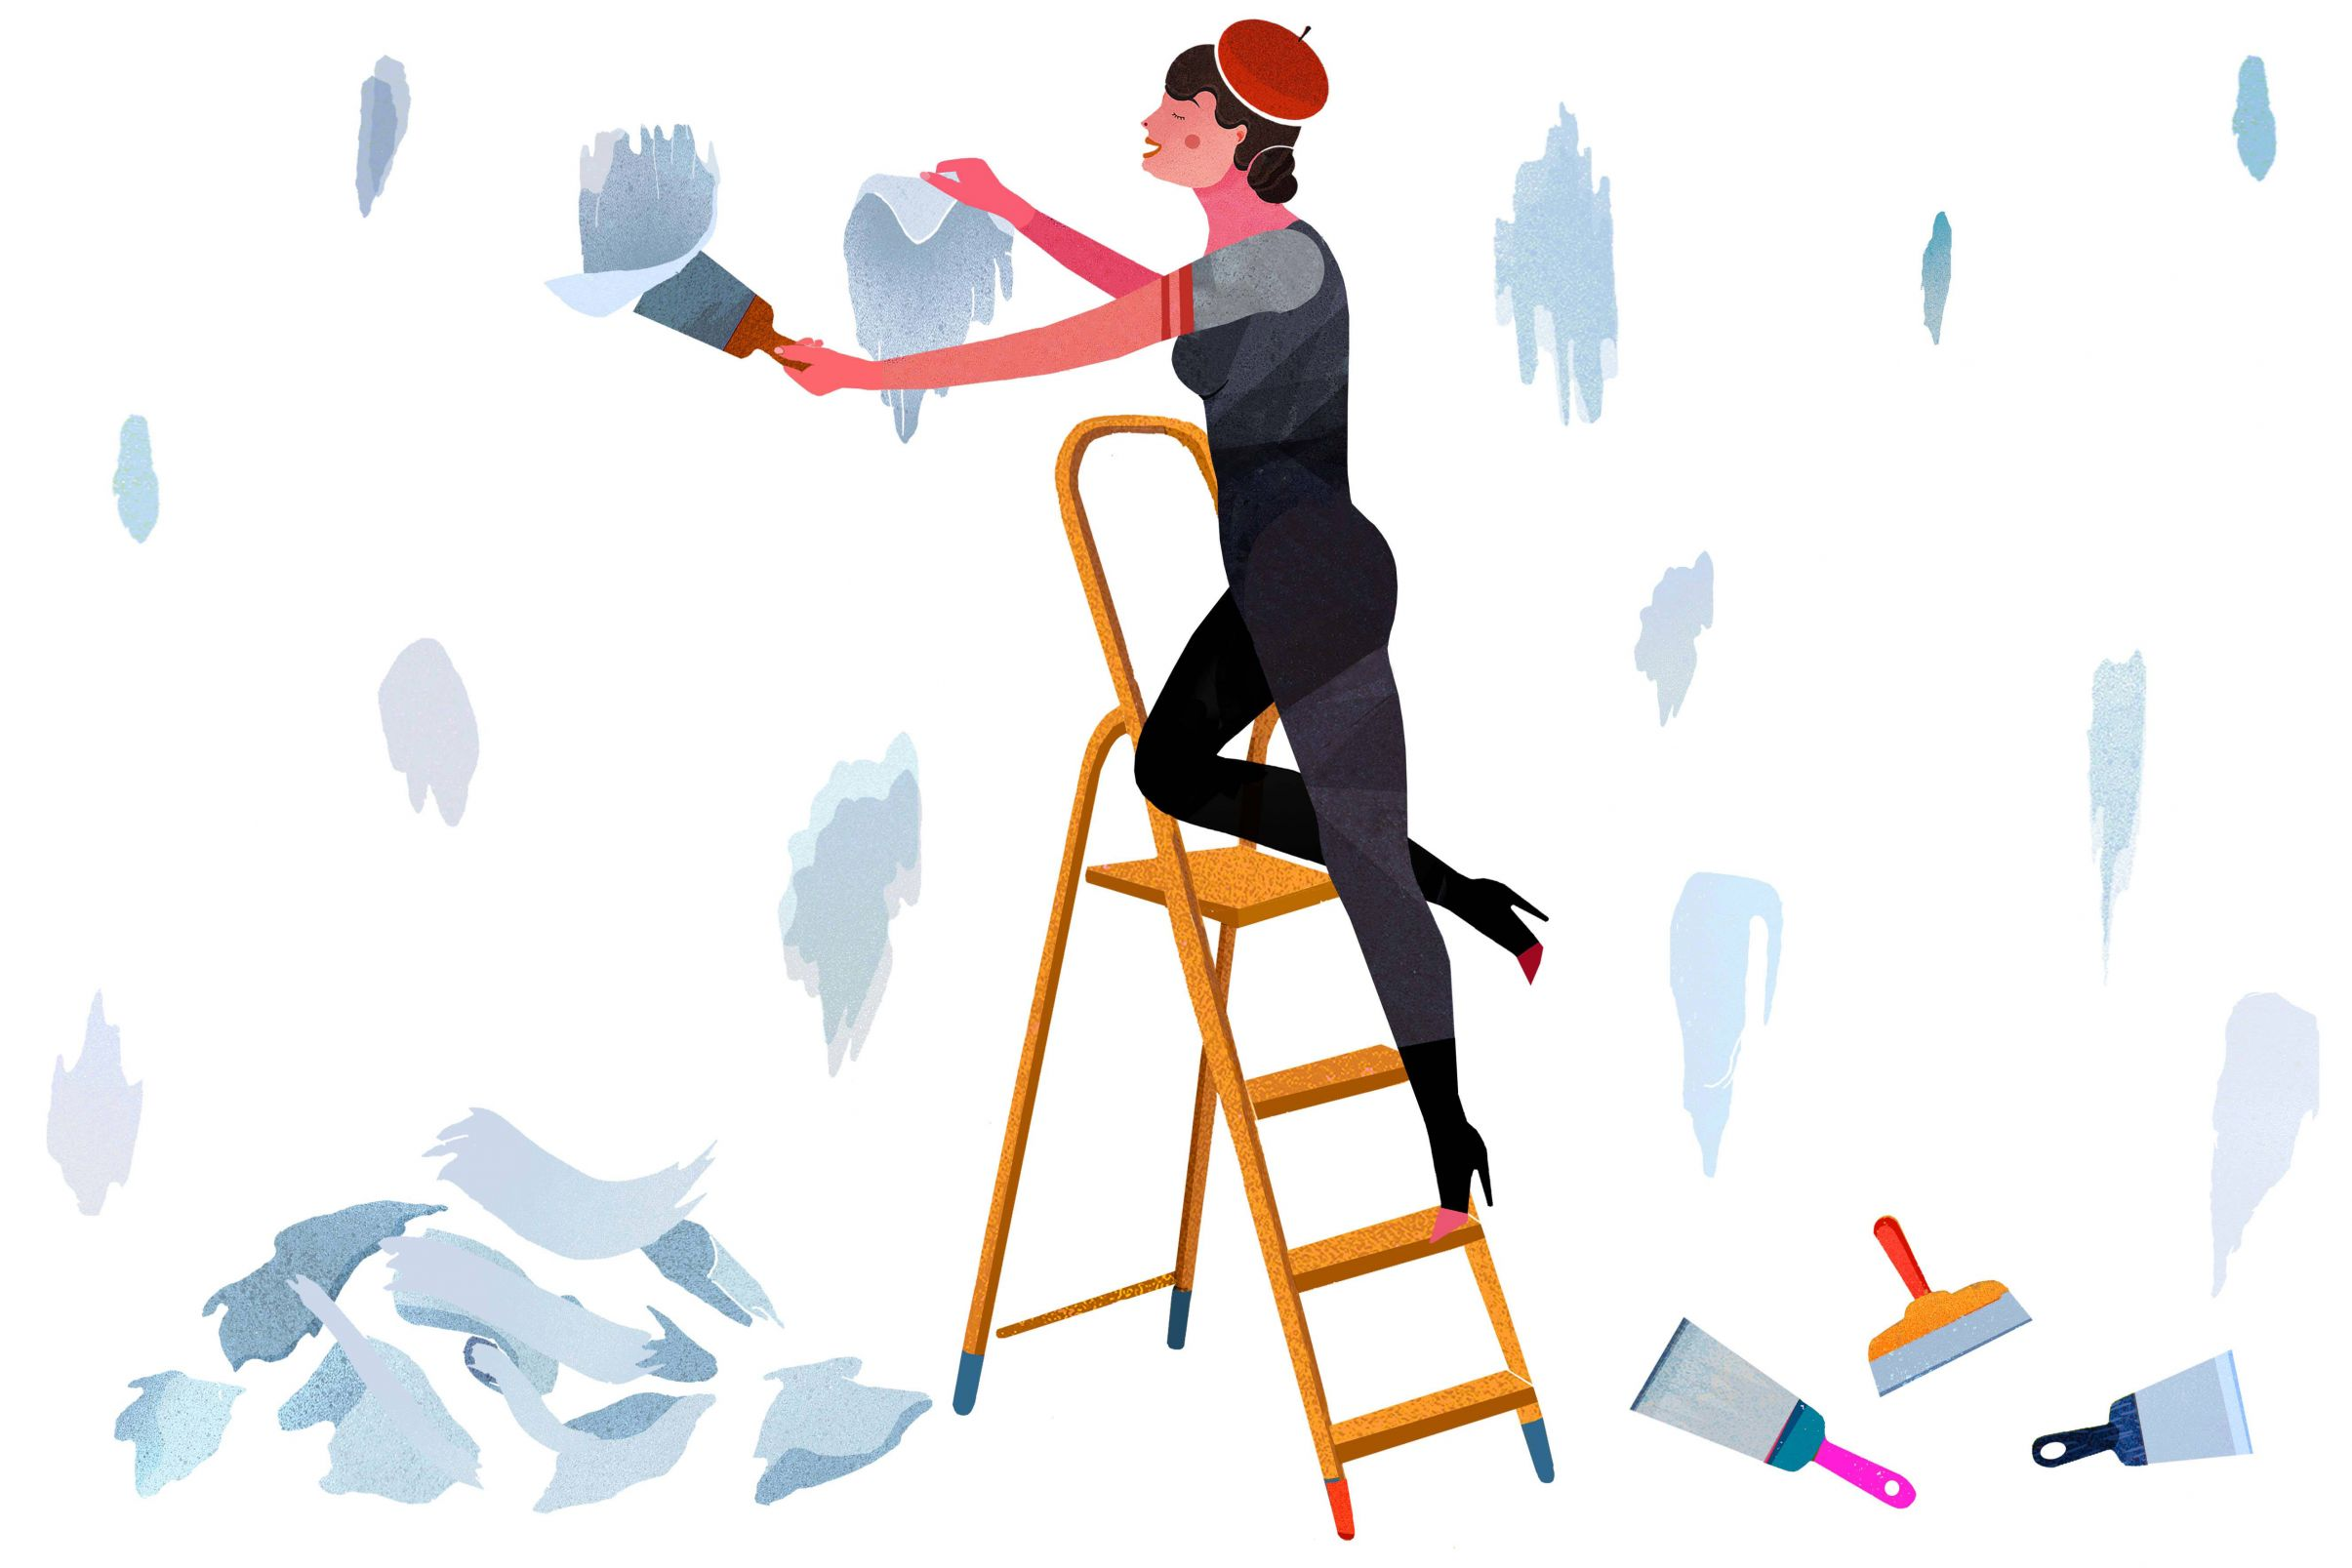 Como-despegar-papel-pintado-antiguo-Despegar-pedazos-de-papel-pintado-con-espatula